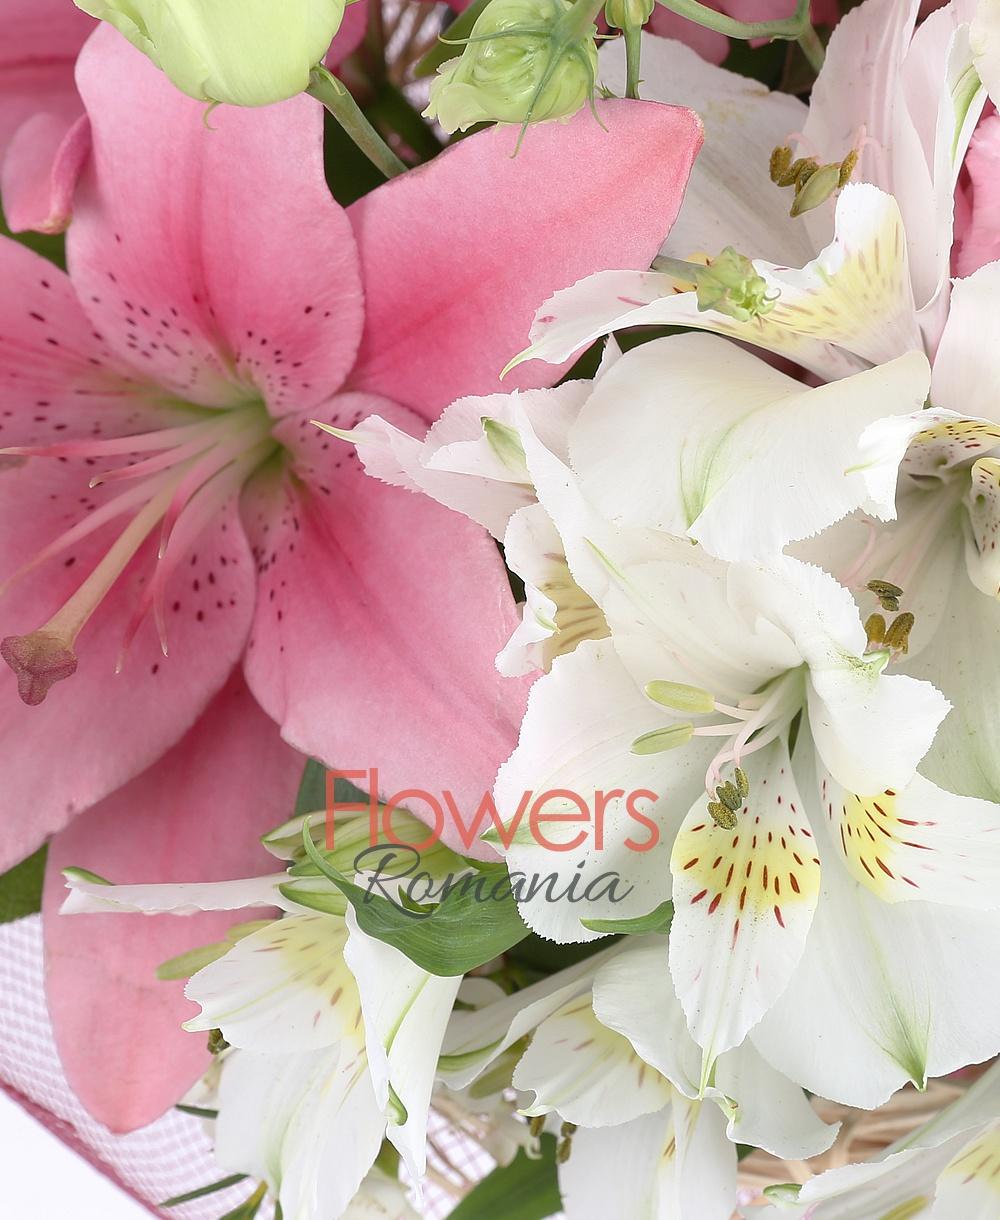 Perfumed sweetness